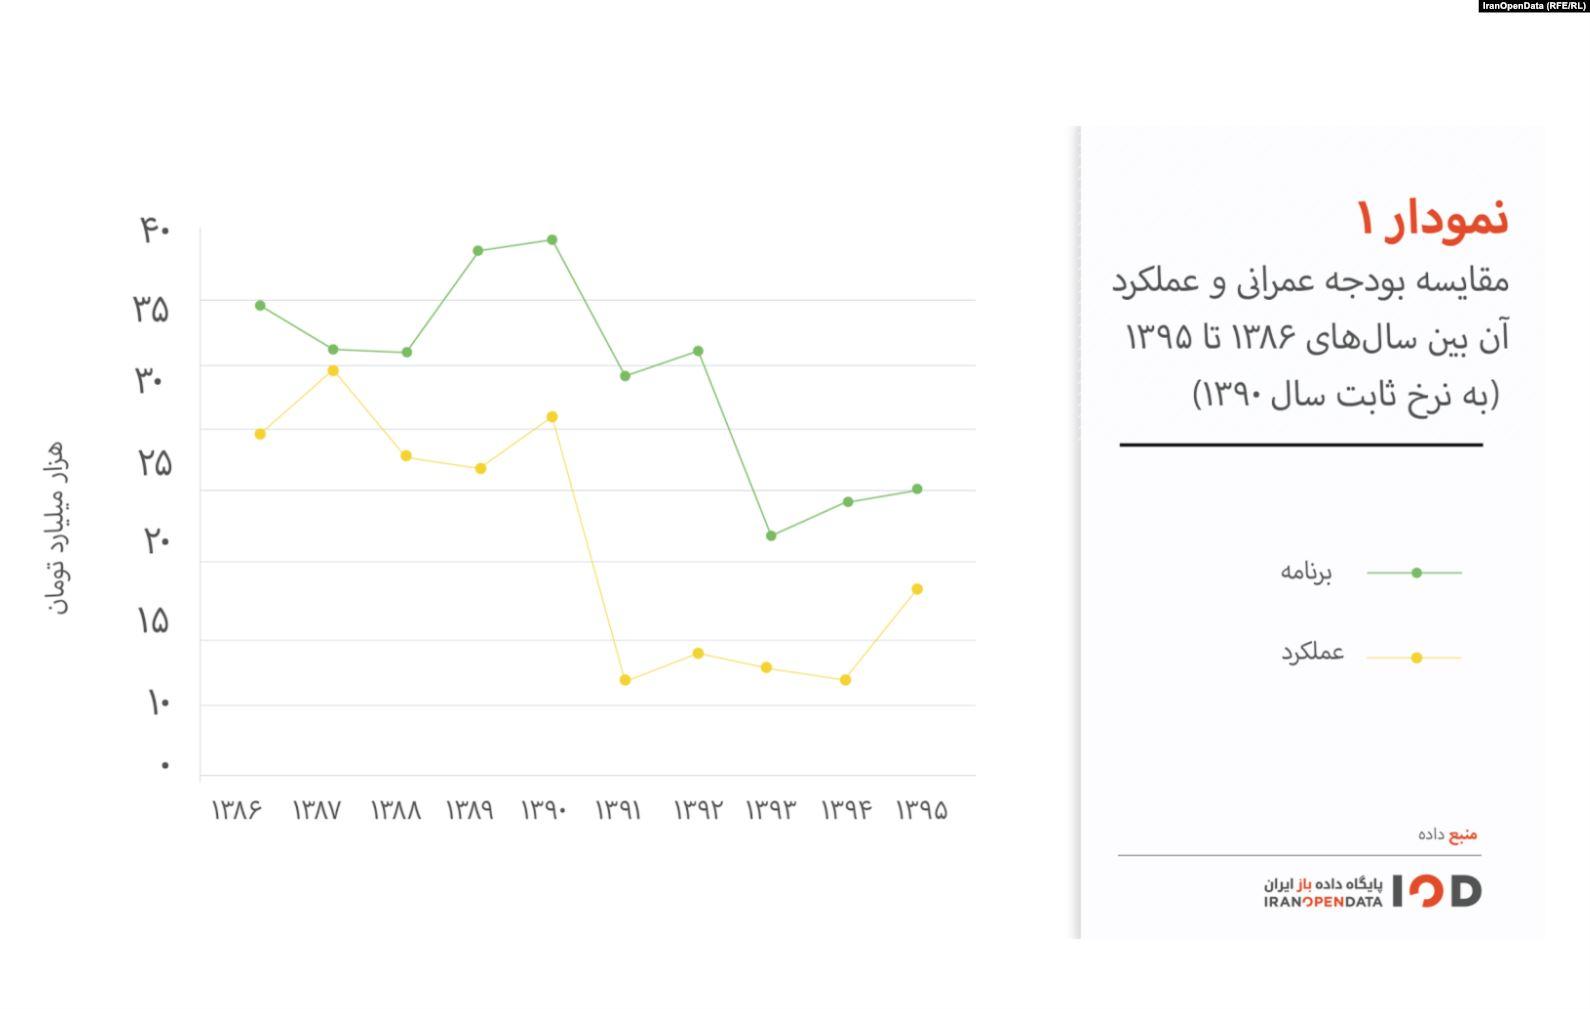 تاثیر کاهش بودجه عمرانی بر وضعیت اشتغال در ایران